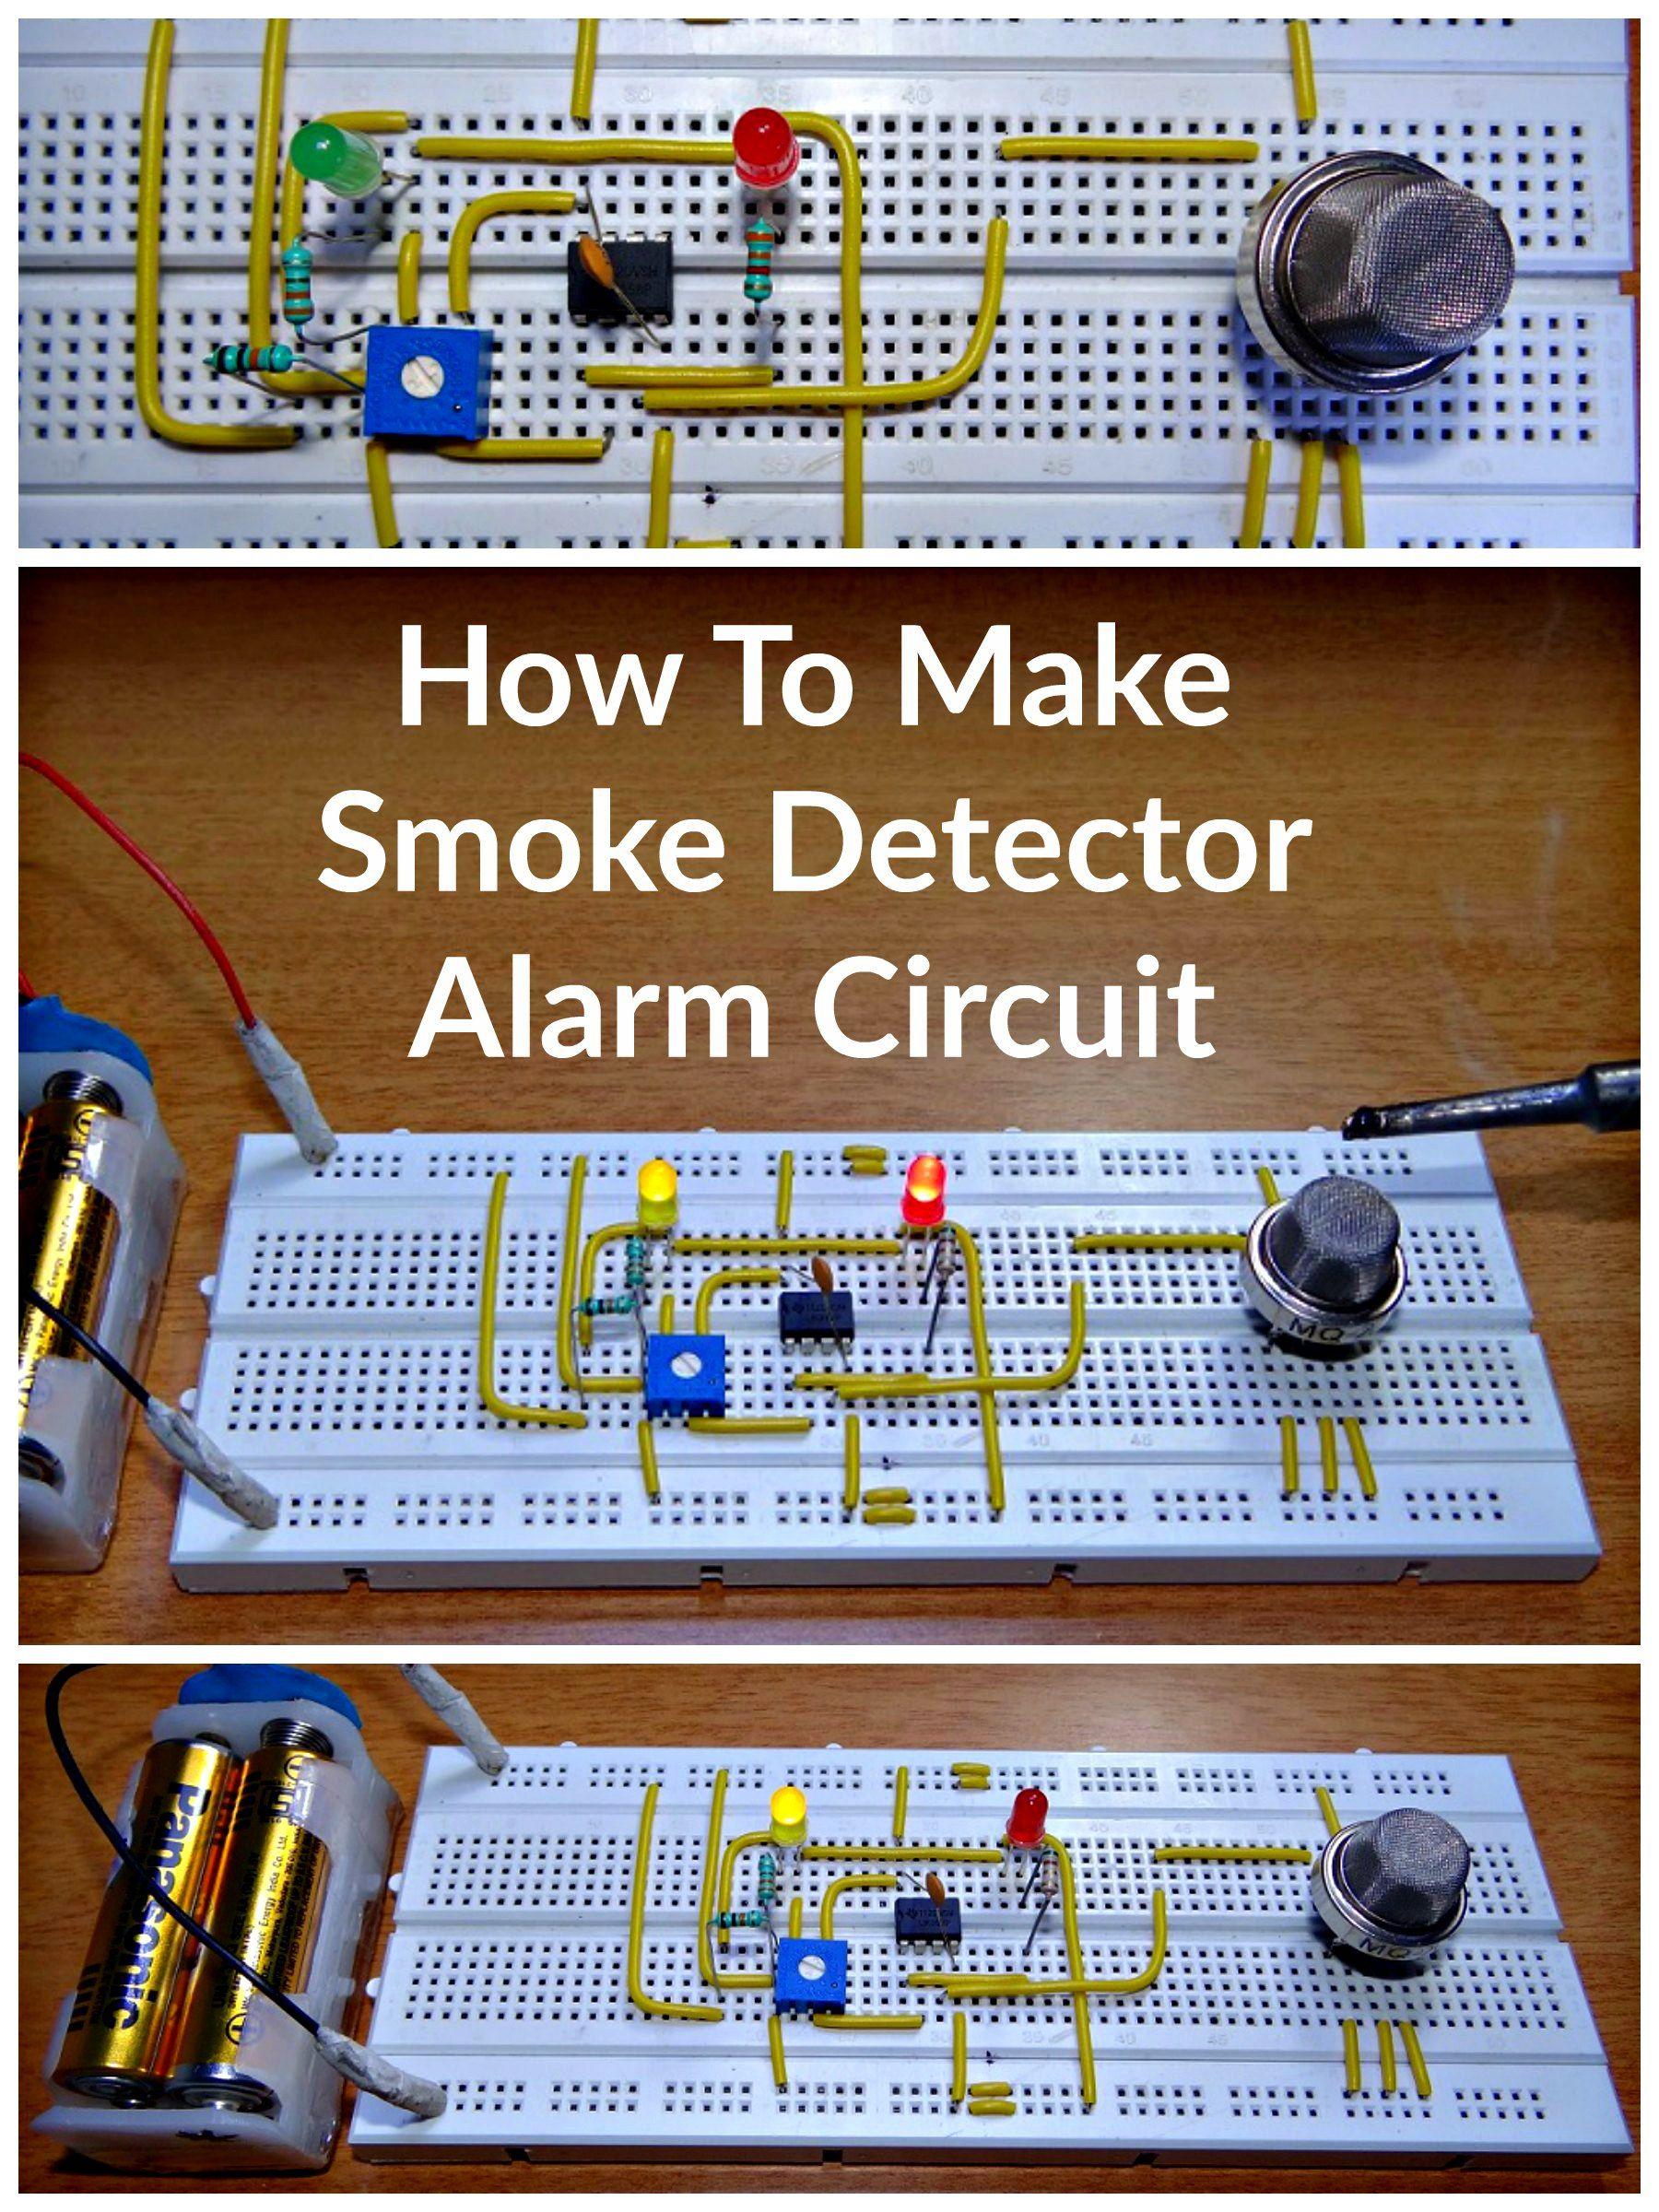 Smoke Detector Alarm Circuit Electronics engineering